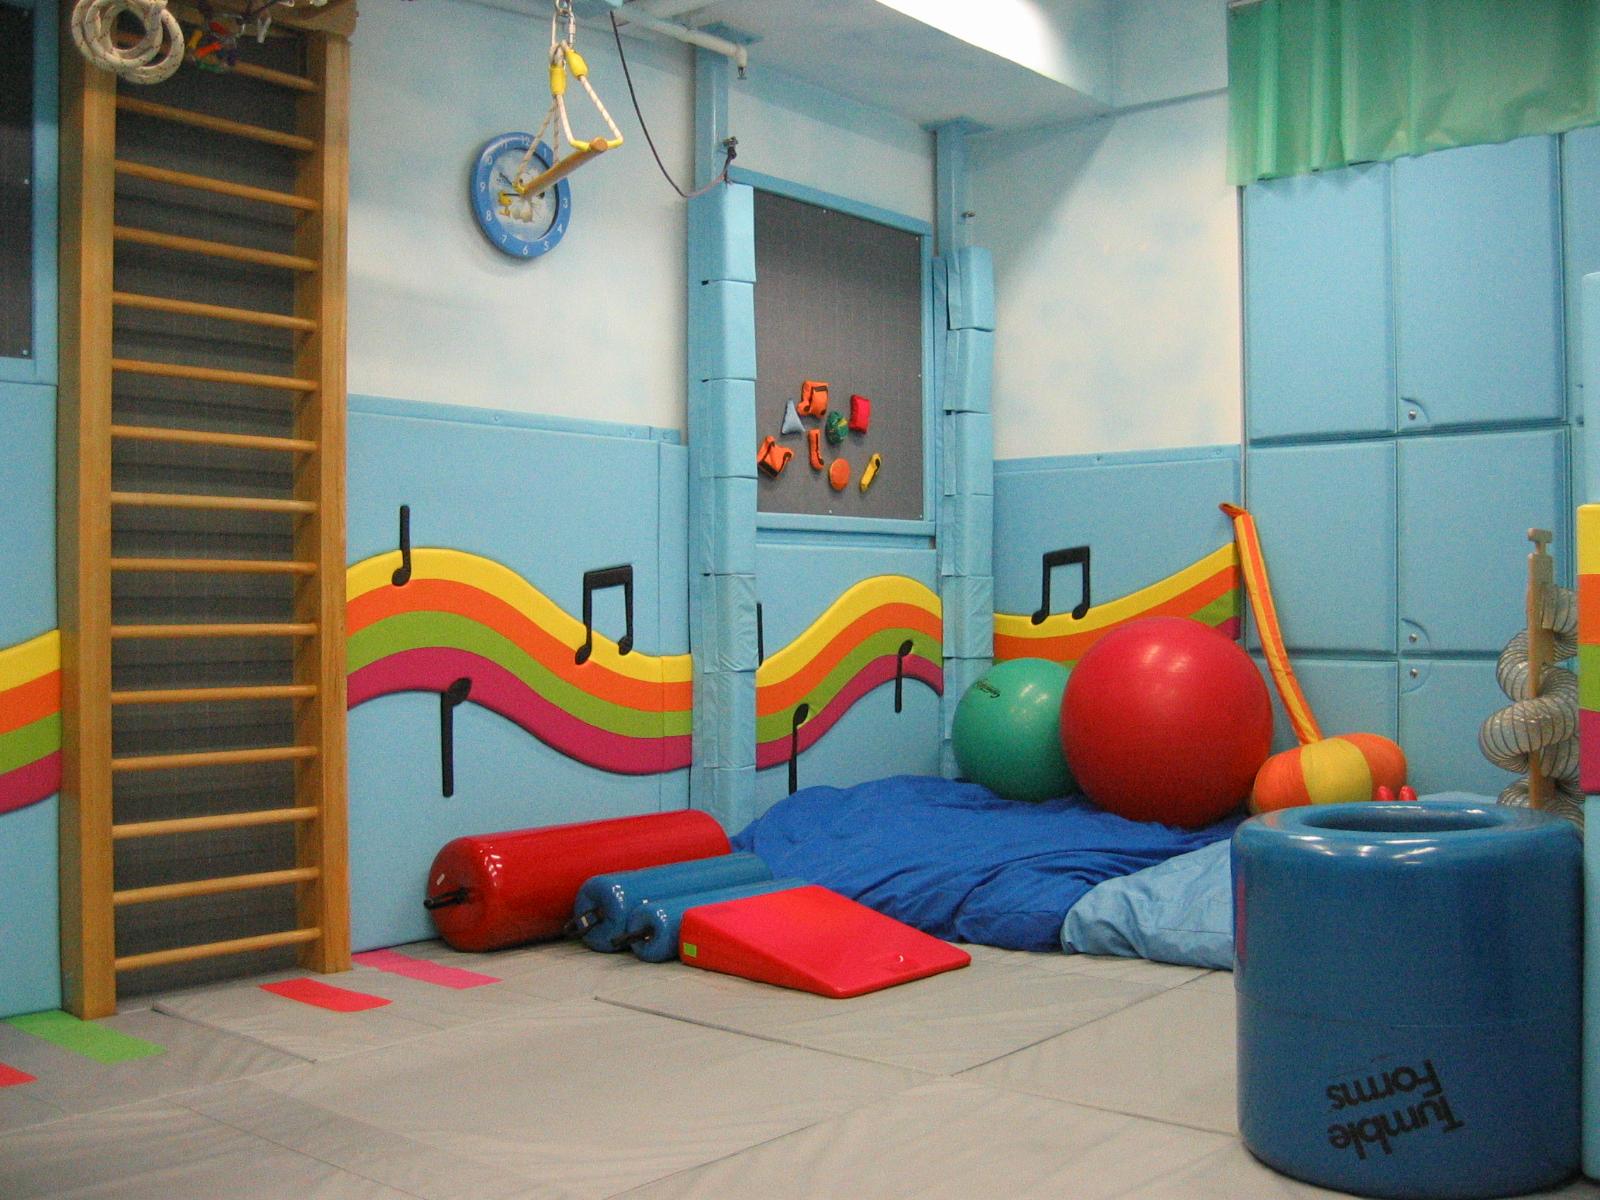 中心設有感覺統合訓練室,以提供安全及充足的環境設施去訓練學童